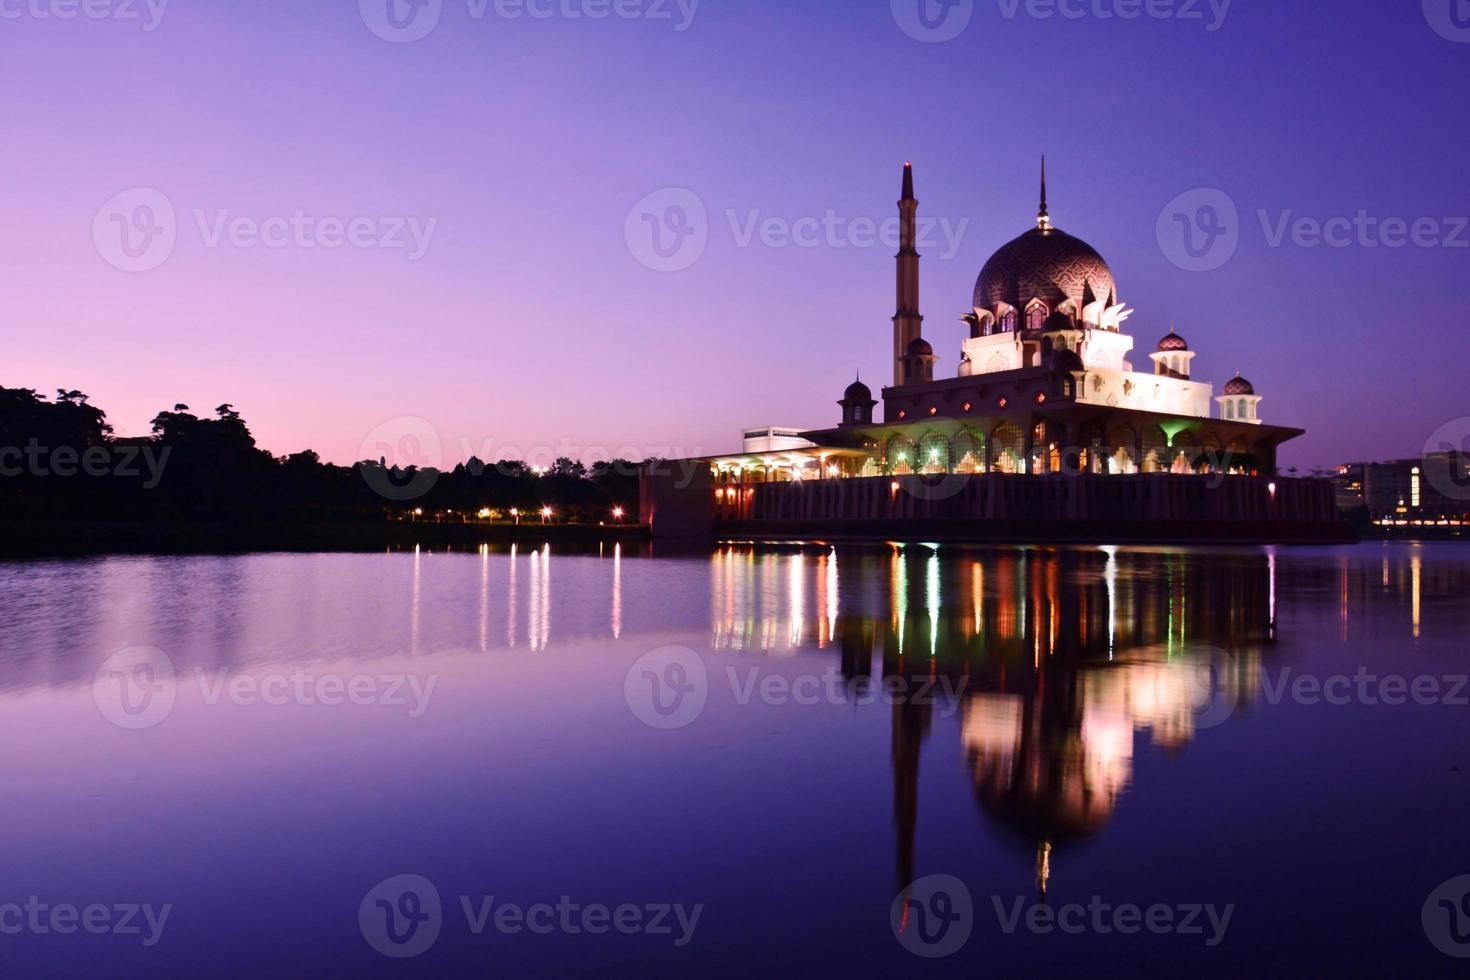 mosquée de putra, putrajaya, malaisie avant le lever du soleil. photo